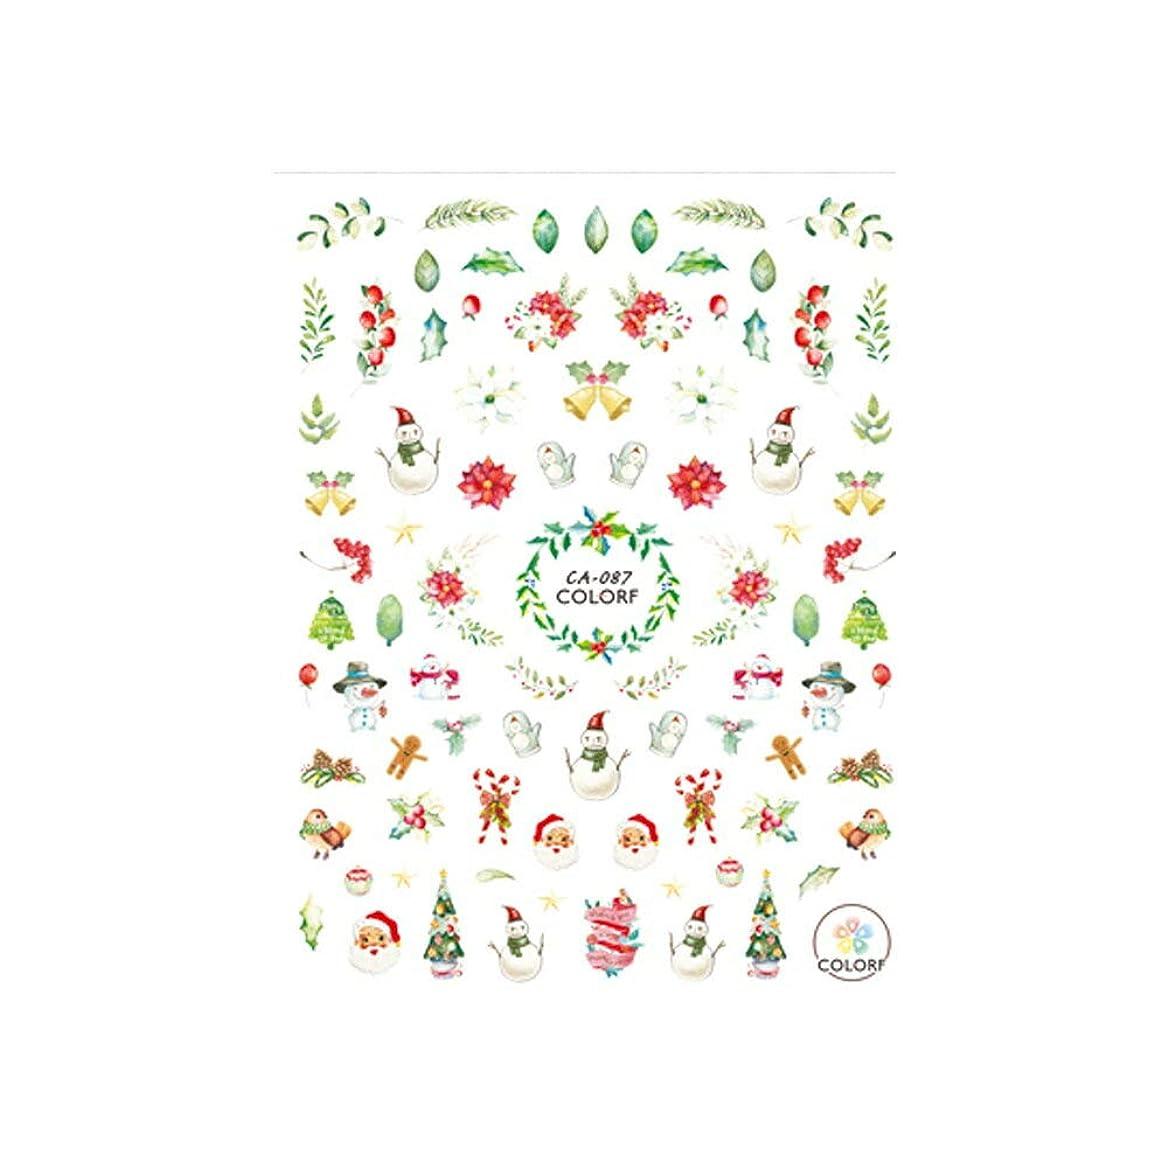 ハンマートリムレイプirogel イロジェル ネイルシール クリスマスナイトシール【CA-087】タイプ2